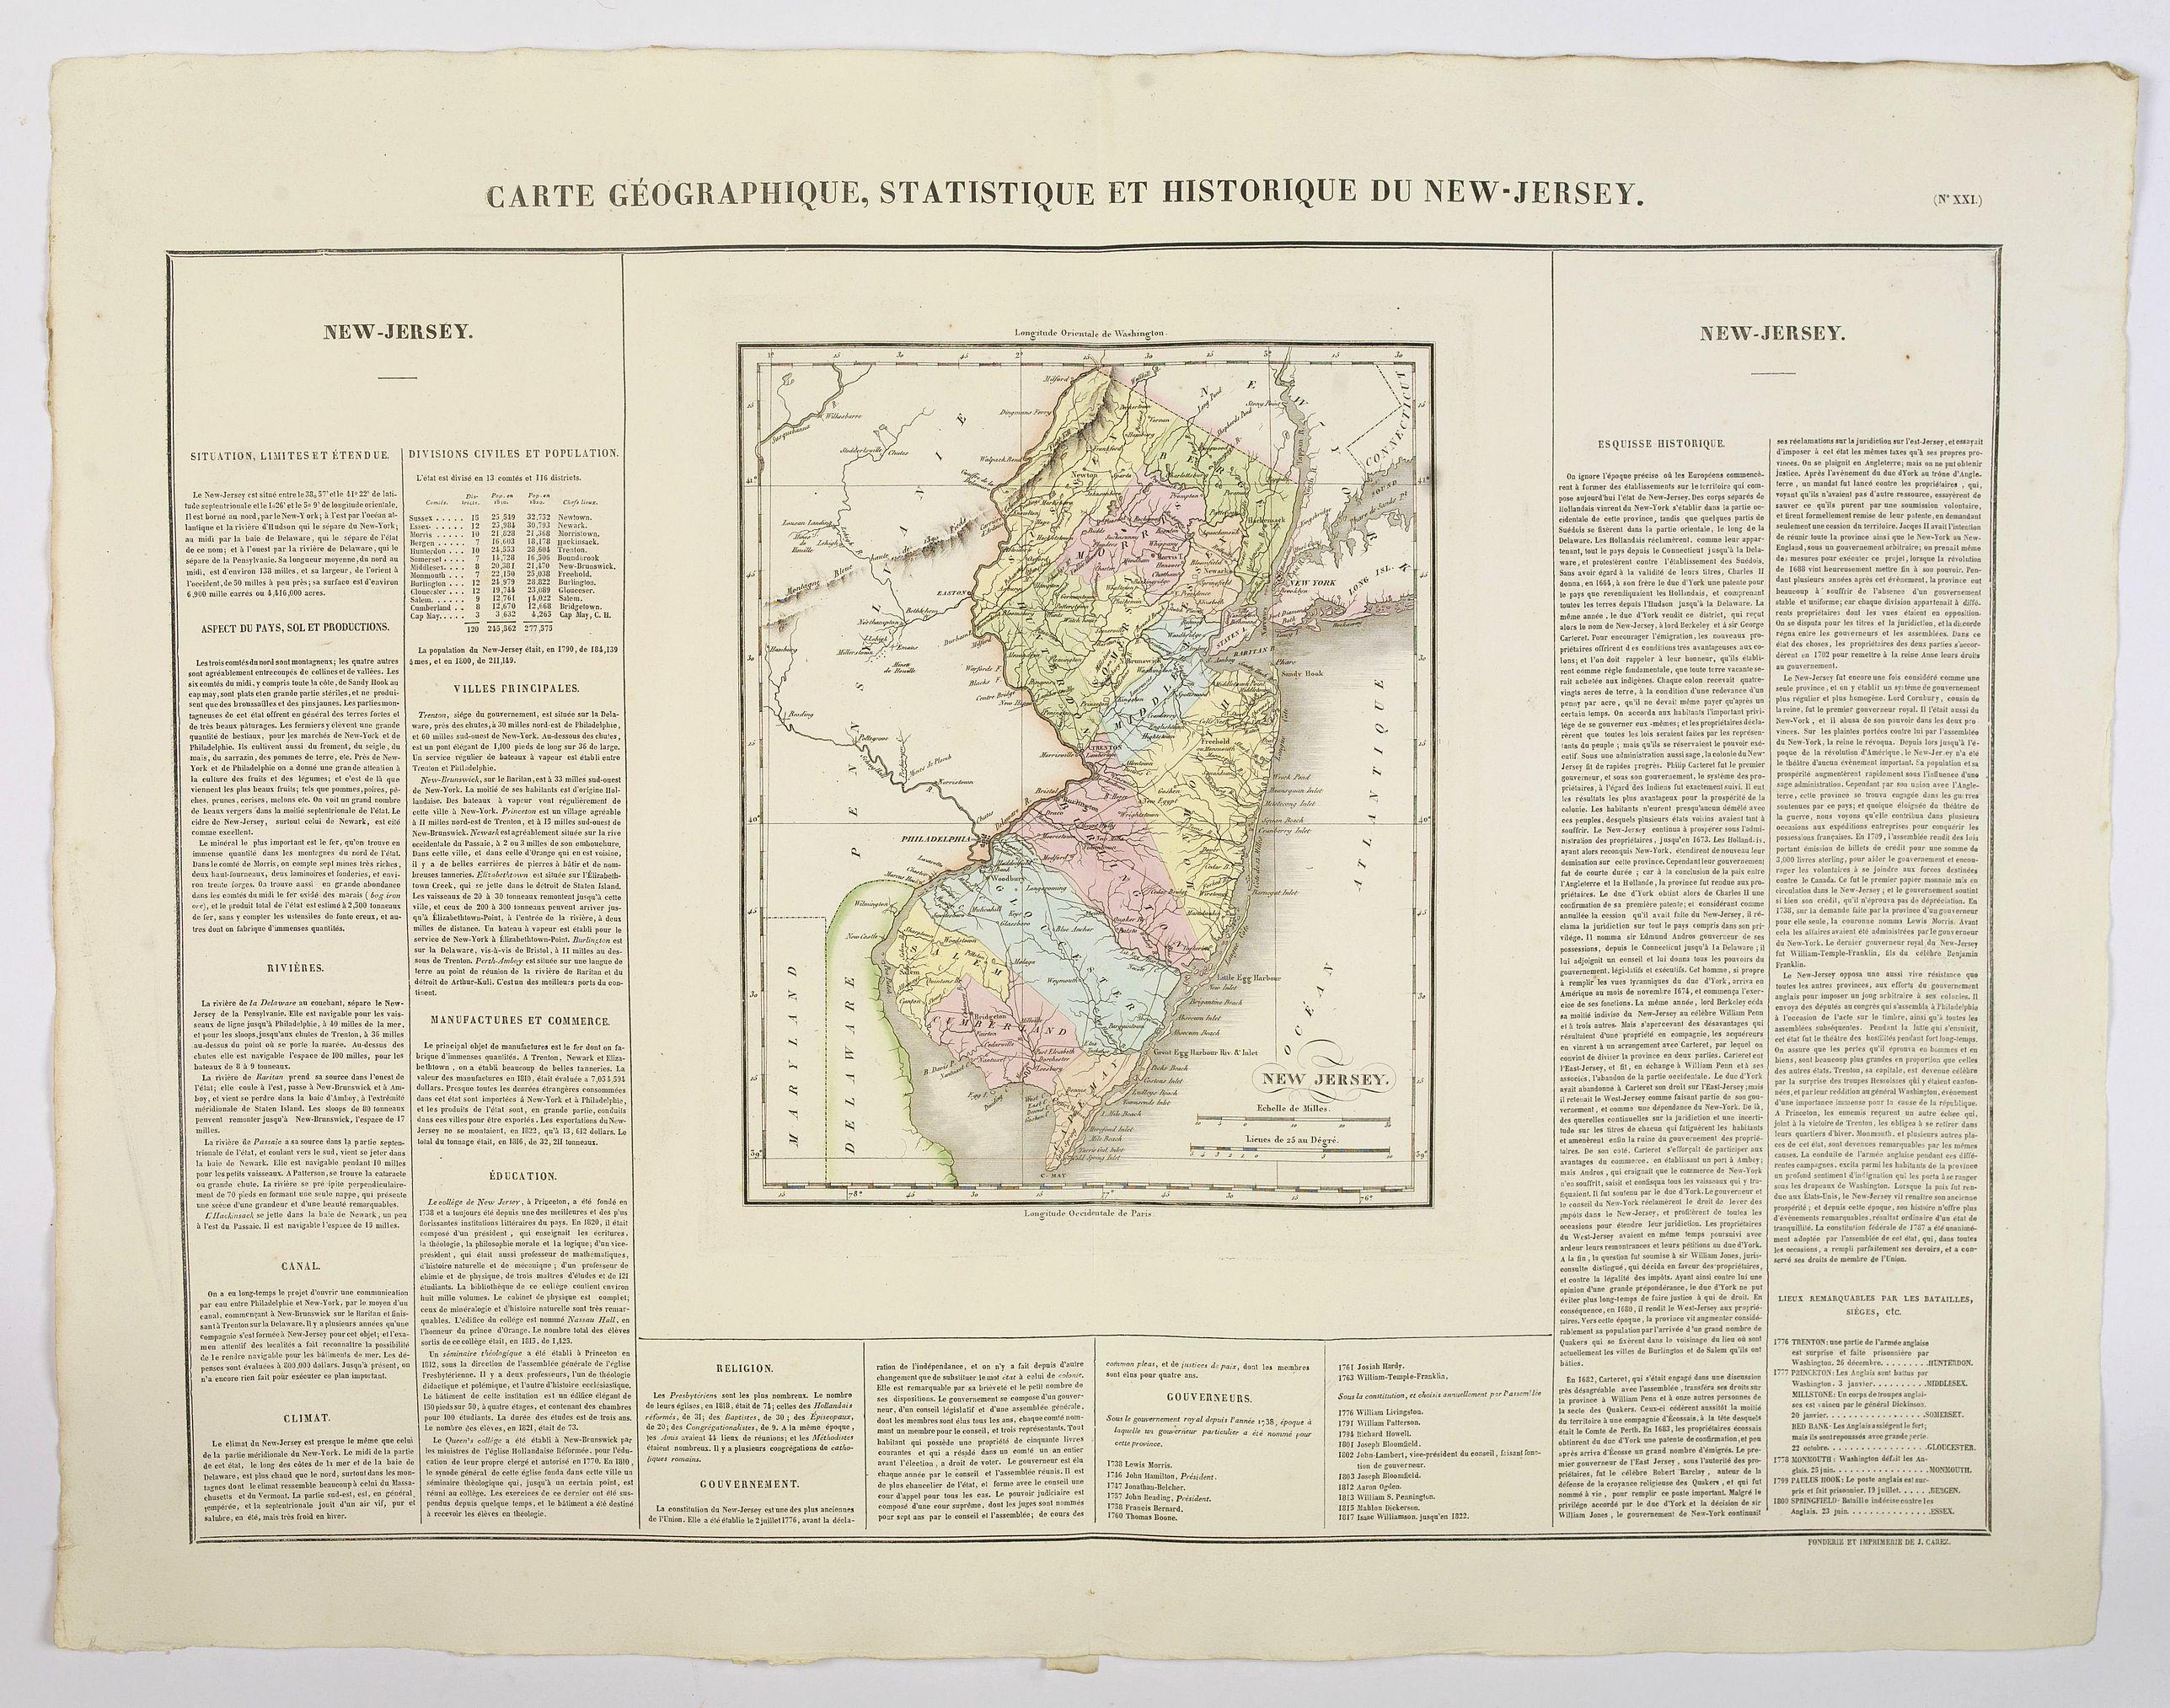 BUCHON, J.A. -  Carte Géographique, Statistique et Historique du New-Jersey.